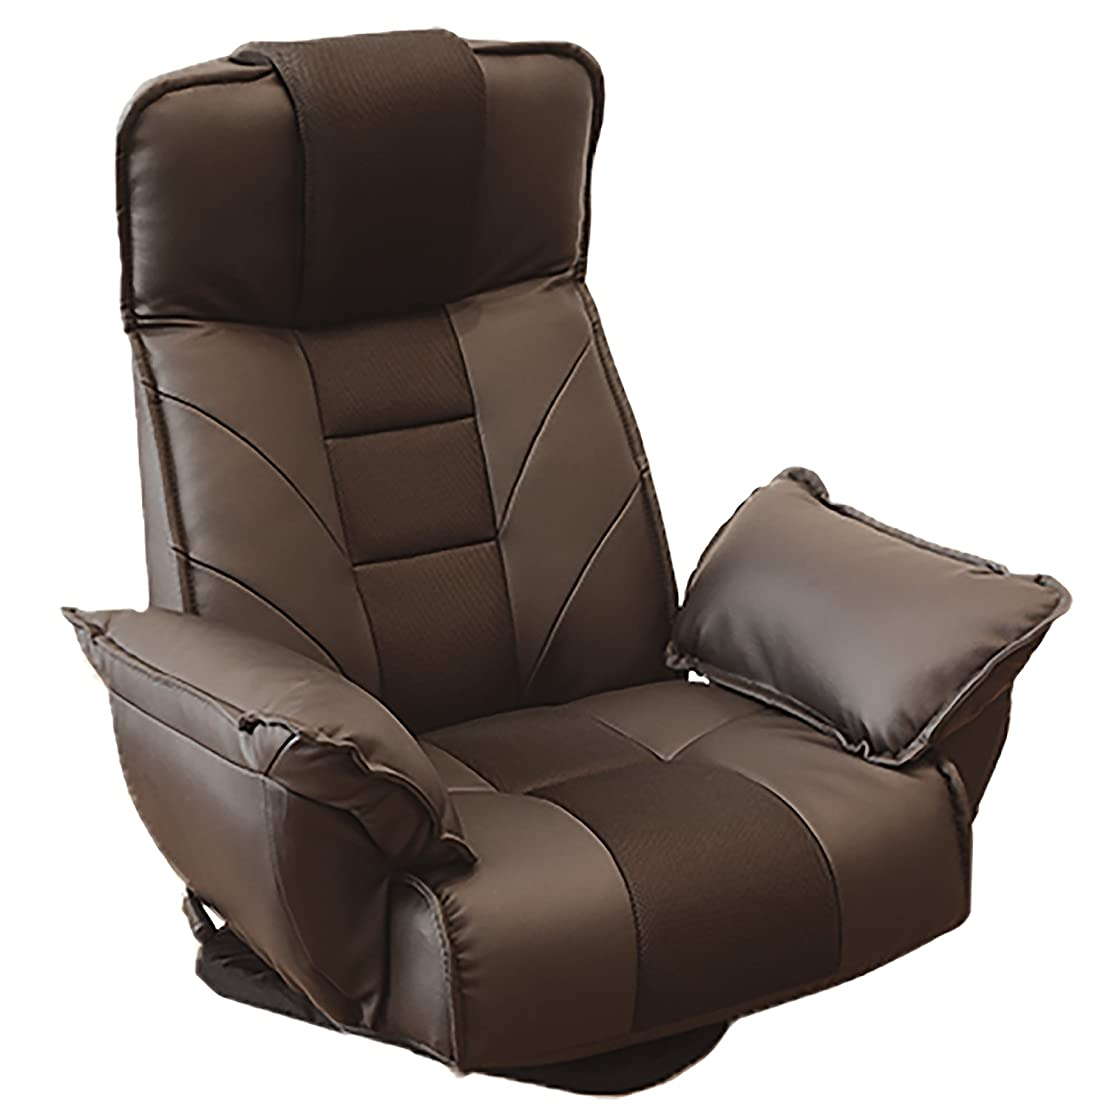 交差点緊張エキサイティングロングセラー座椅子 明光ホームテック 回転座椅子 TVが見やすい レバー式 14段階リクライニング ダークブラウン FRL-アクロスDBR(新色)